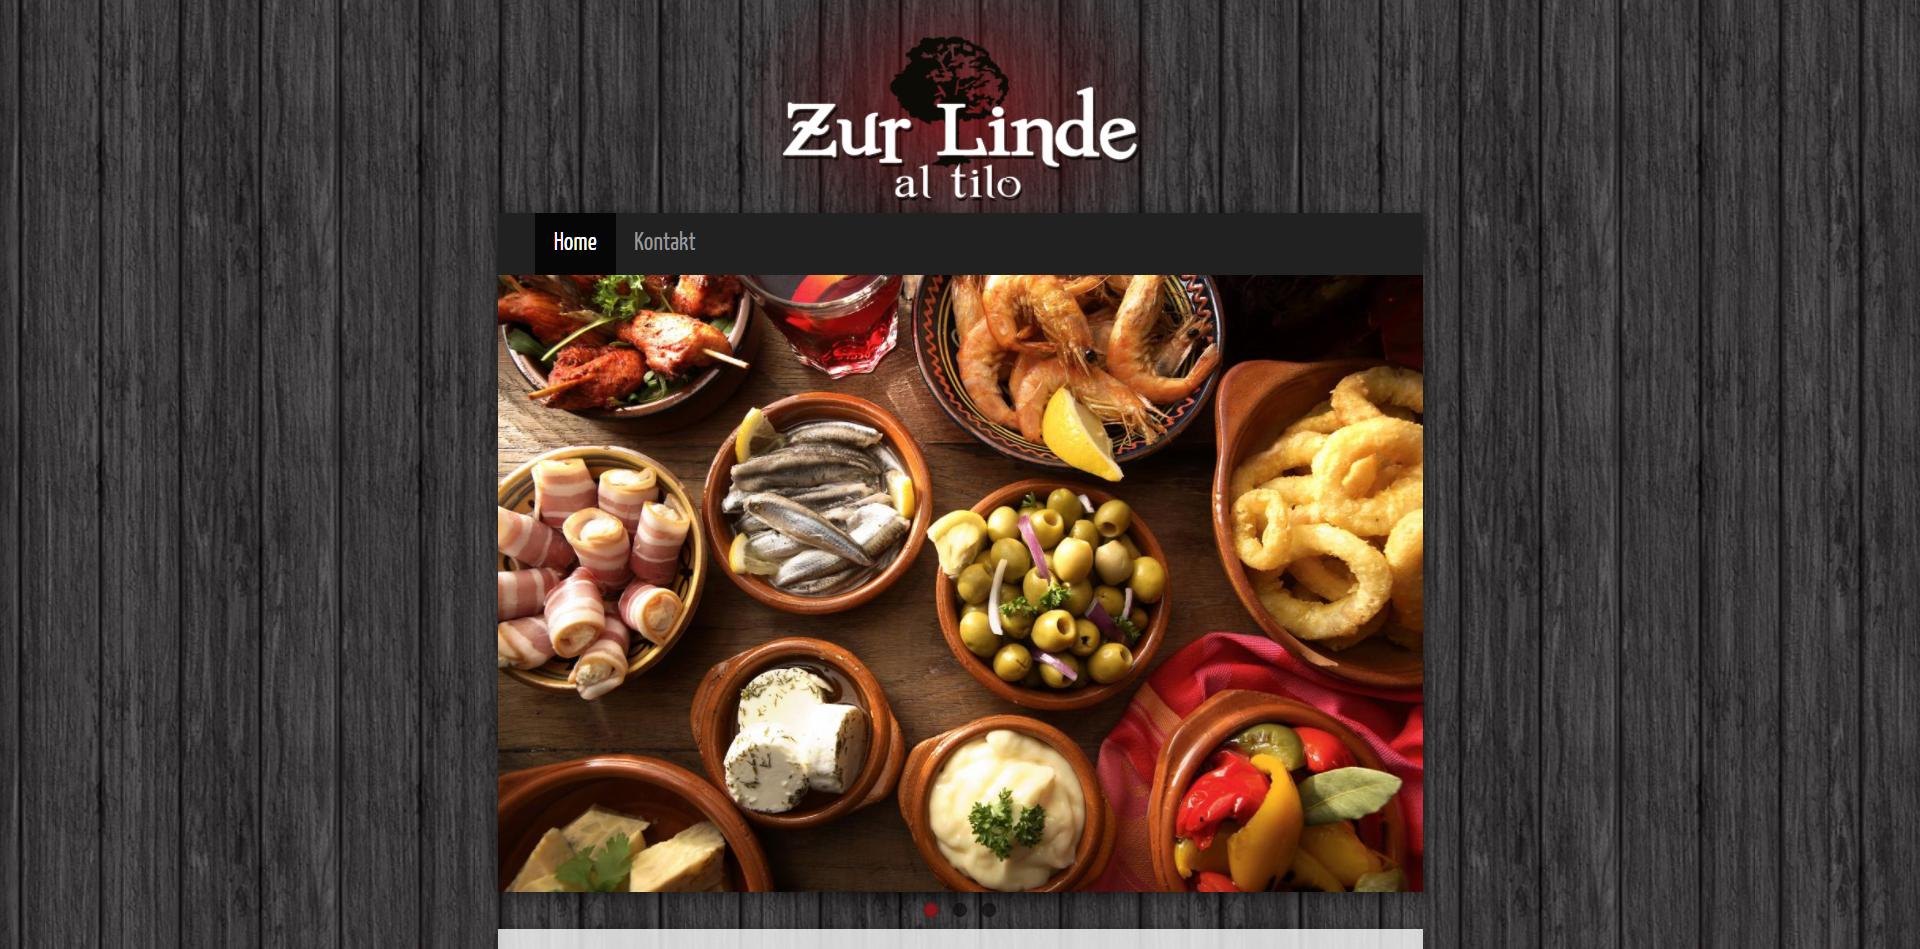 Restaurant al tilo (zur Linde)